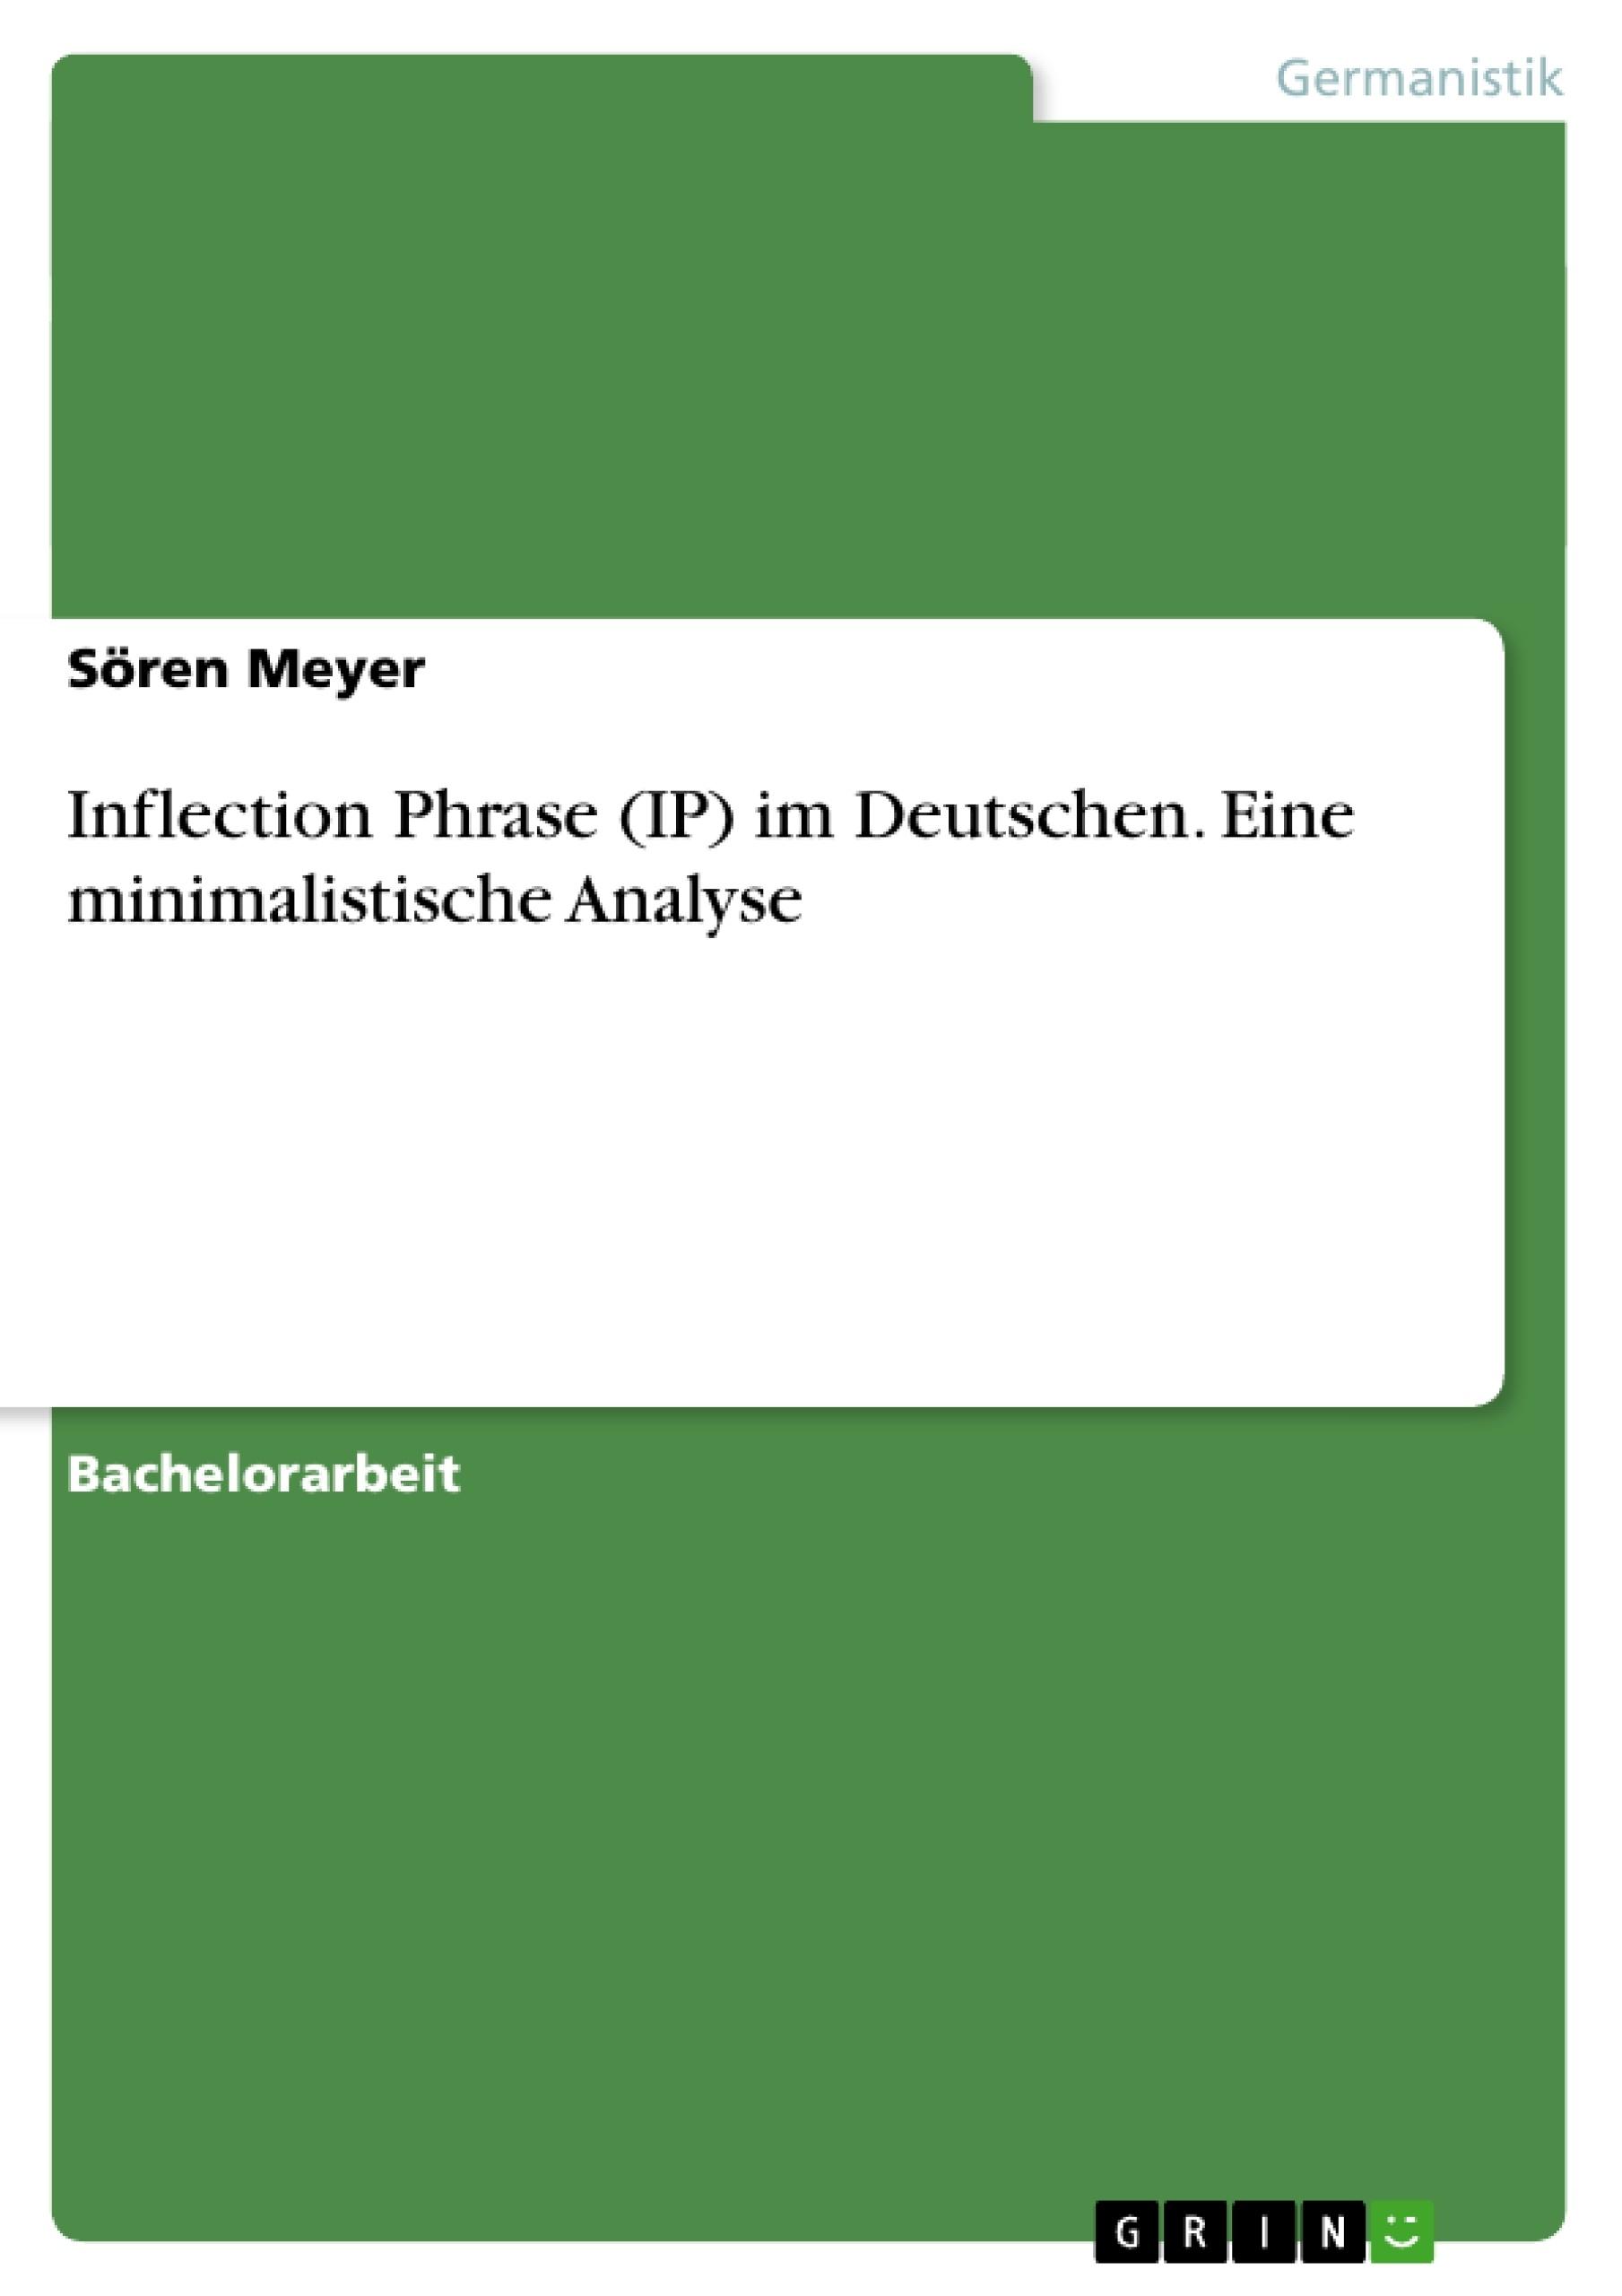 Titel: Inflection Phrase (IP) im Deutschen. Eine minimalistische Analyse